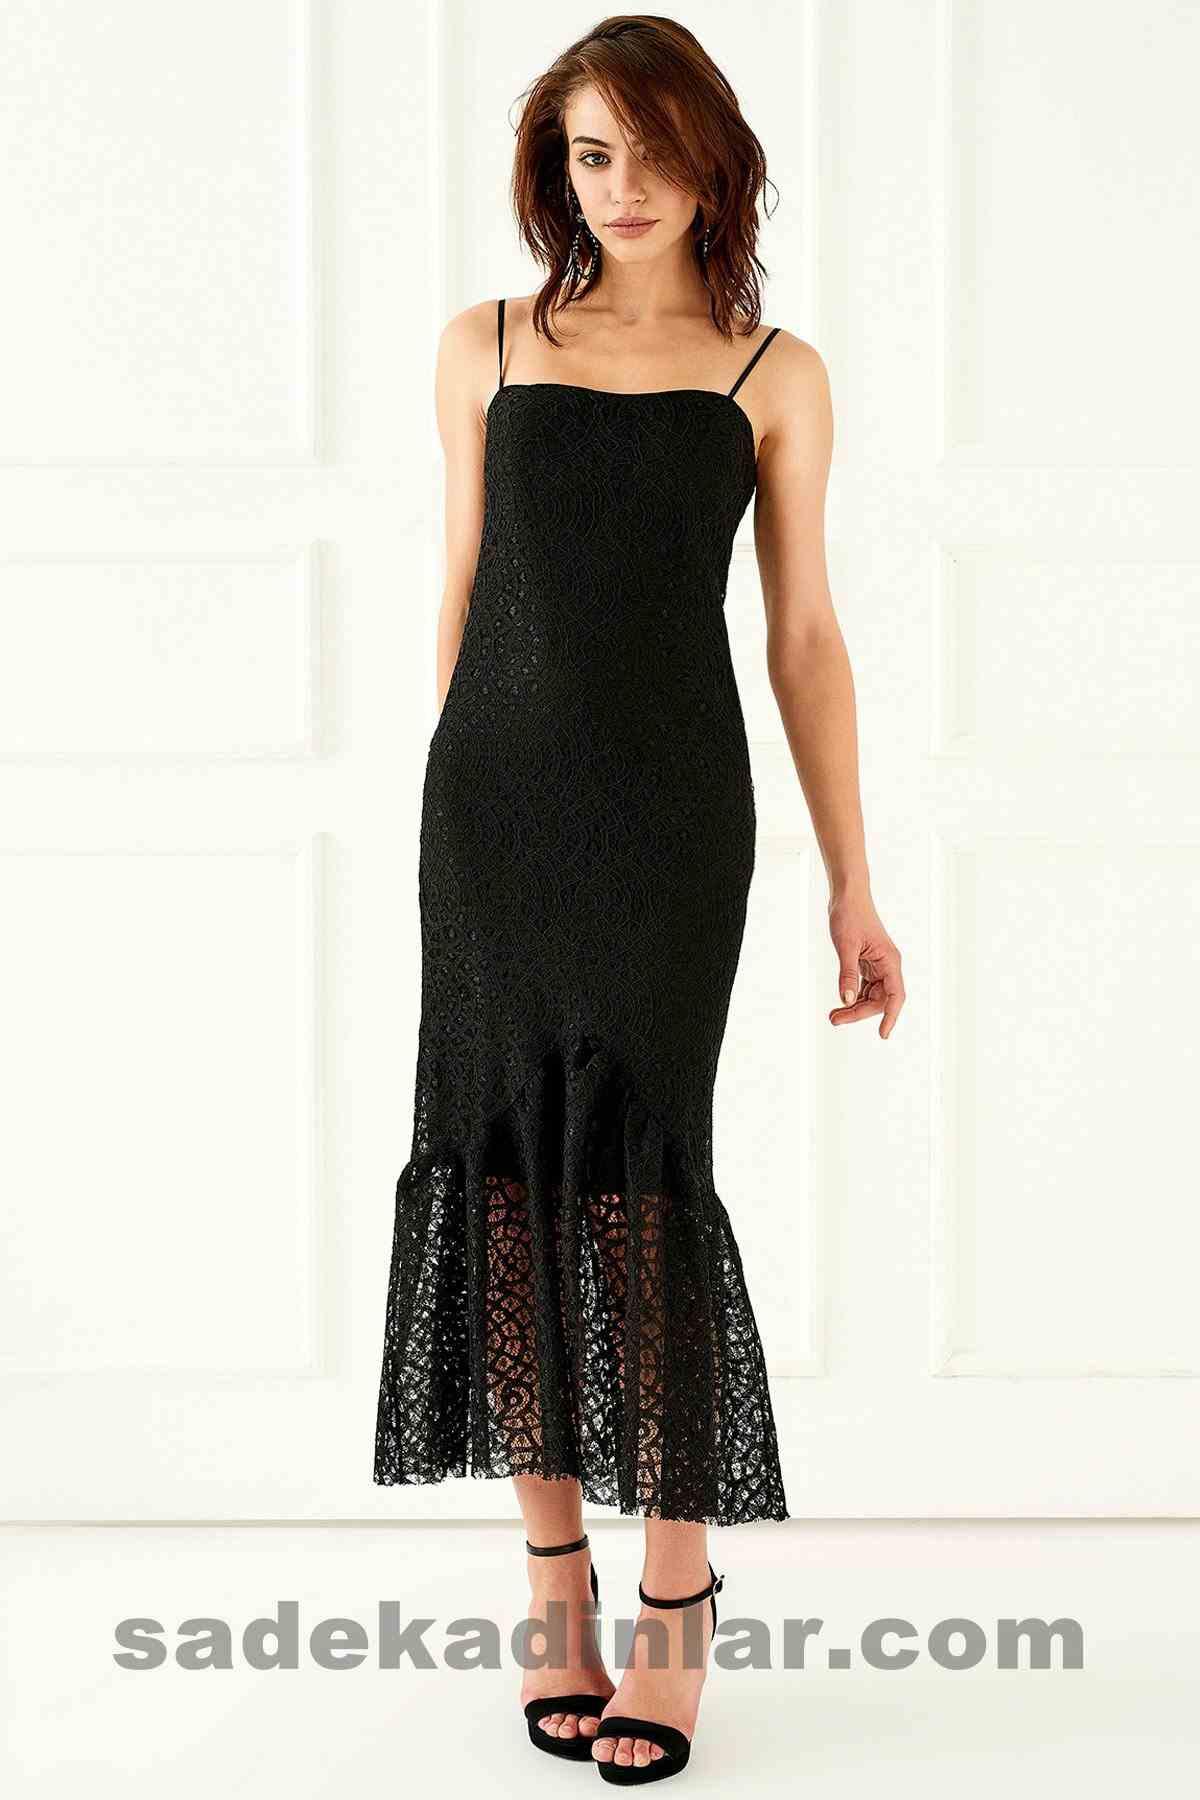 Abiye Elbise Modelleri Şık ve Güzel 2019 Gece Elbiseleri Askılı Uzun Siyah Dantel